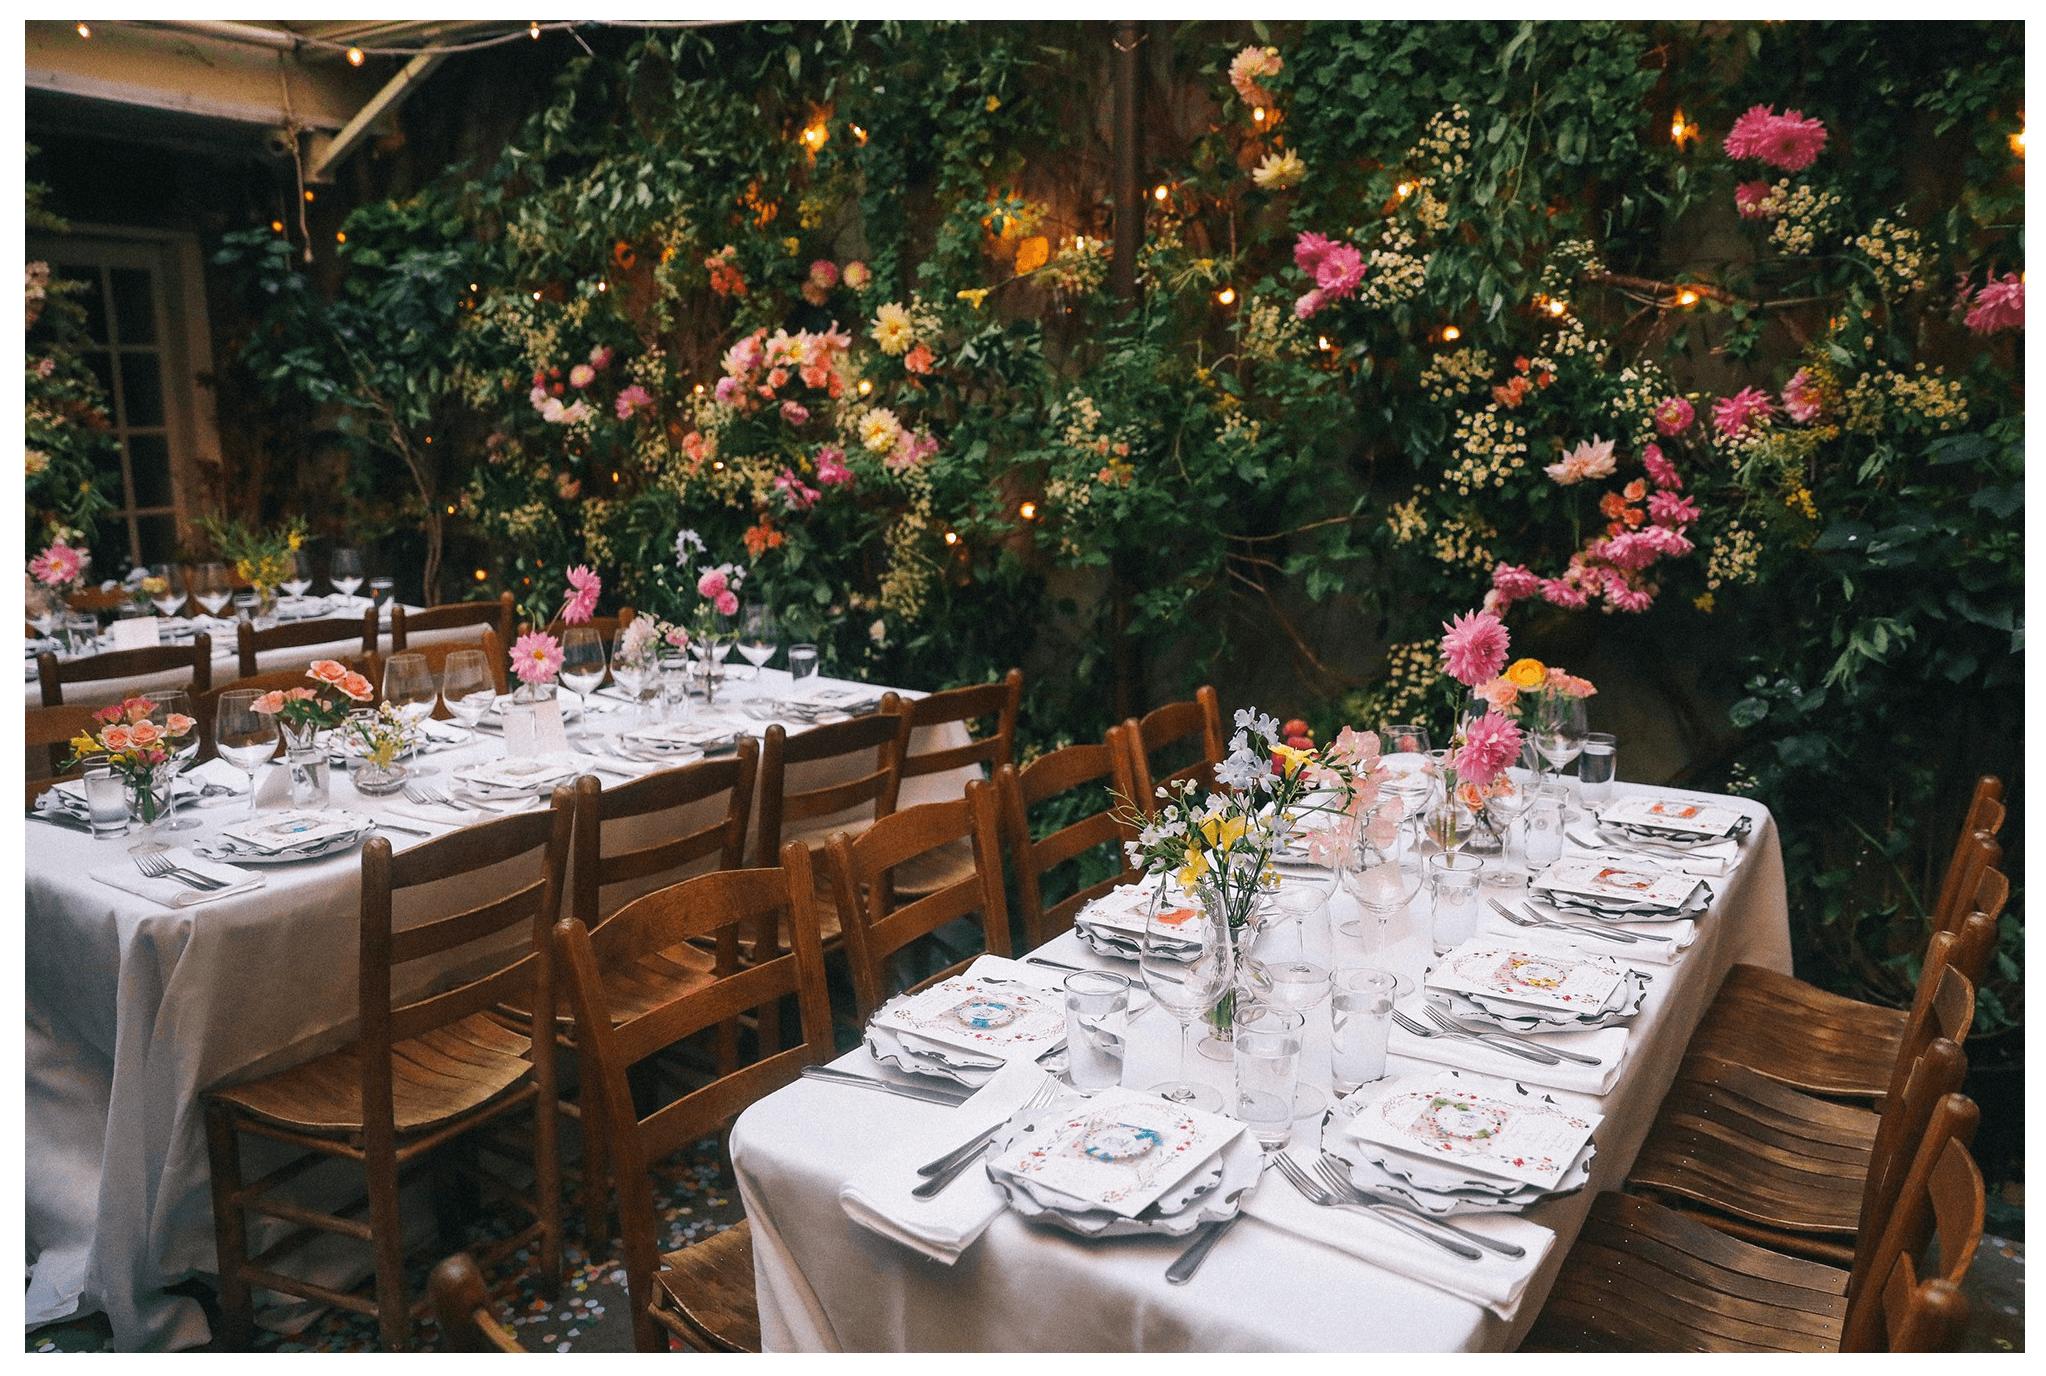 Bröllop i Provence Bröllopsplanering Petra Tungården Bröllop